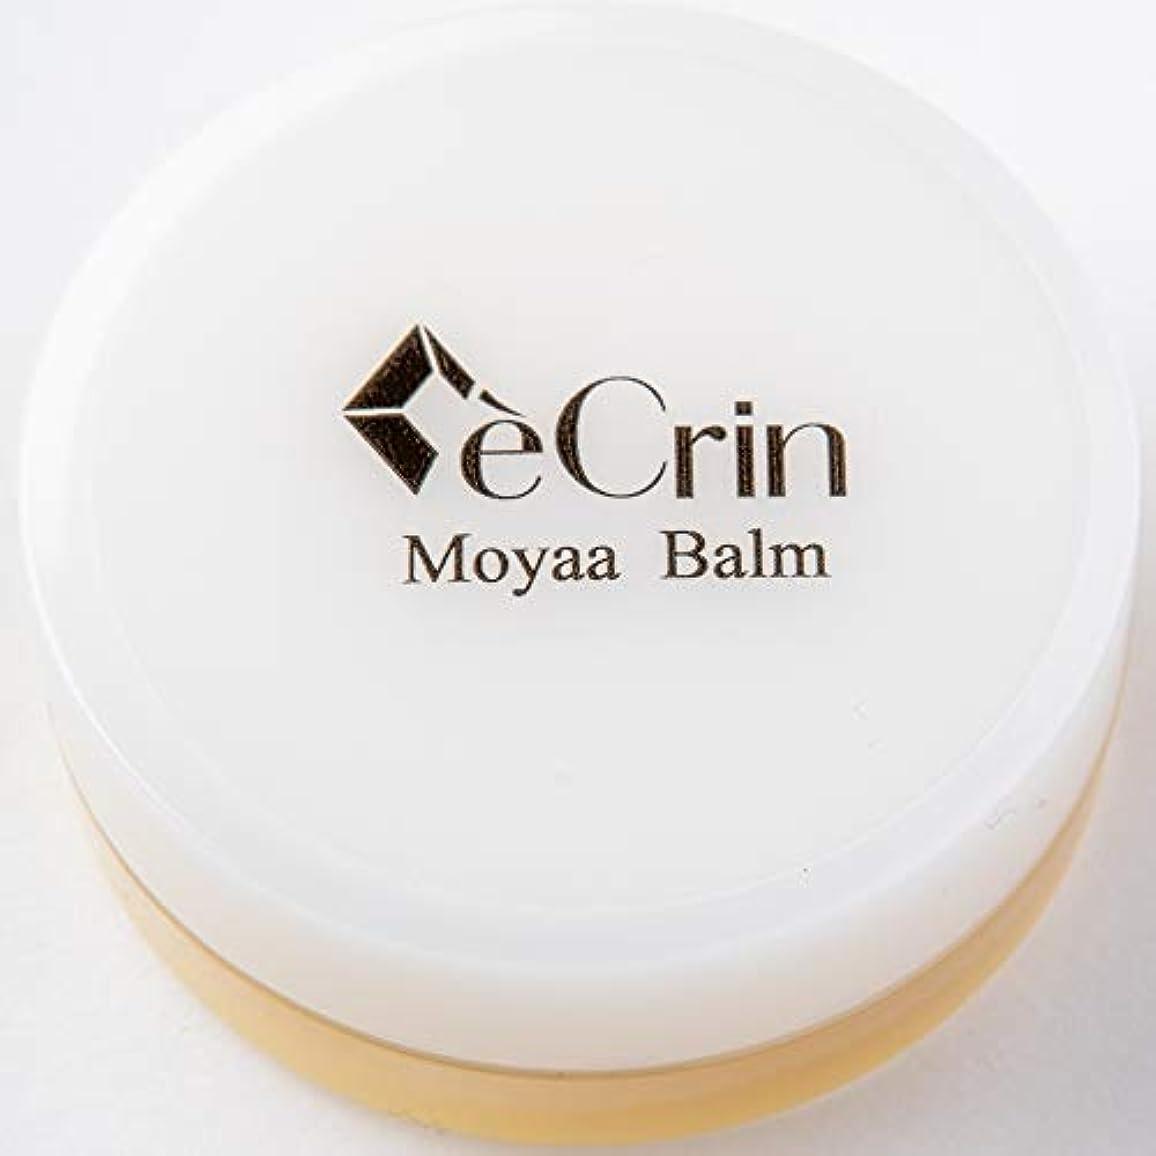 リーチ忌避剤召喚するMoyaa Balm (モーヤバーム)天然成分のみで仕上げたシアバター white 無添加 天然成分100%